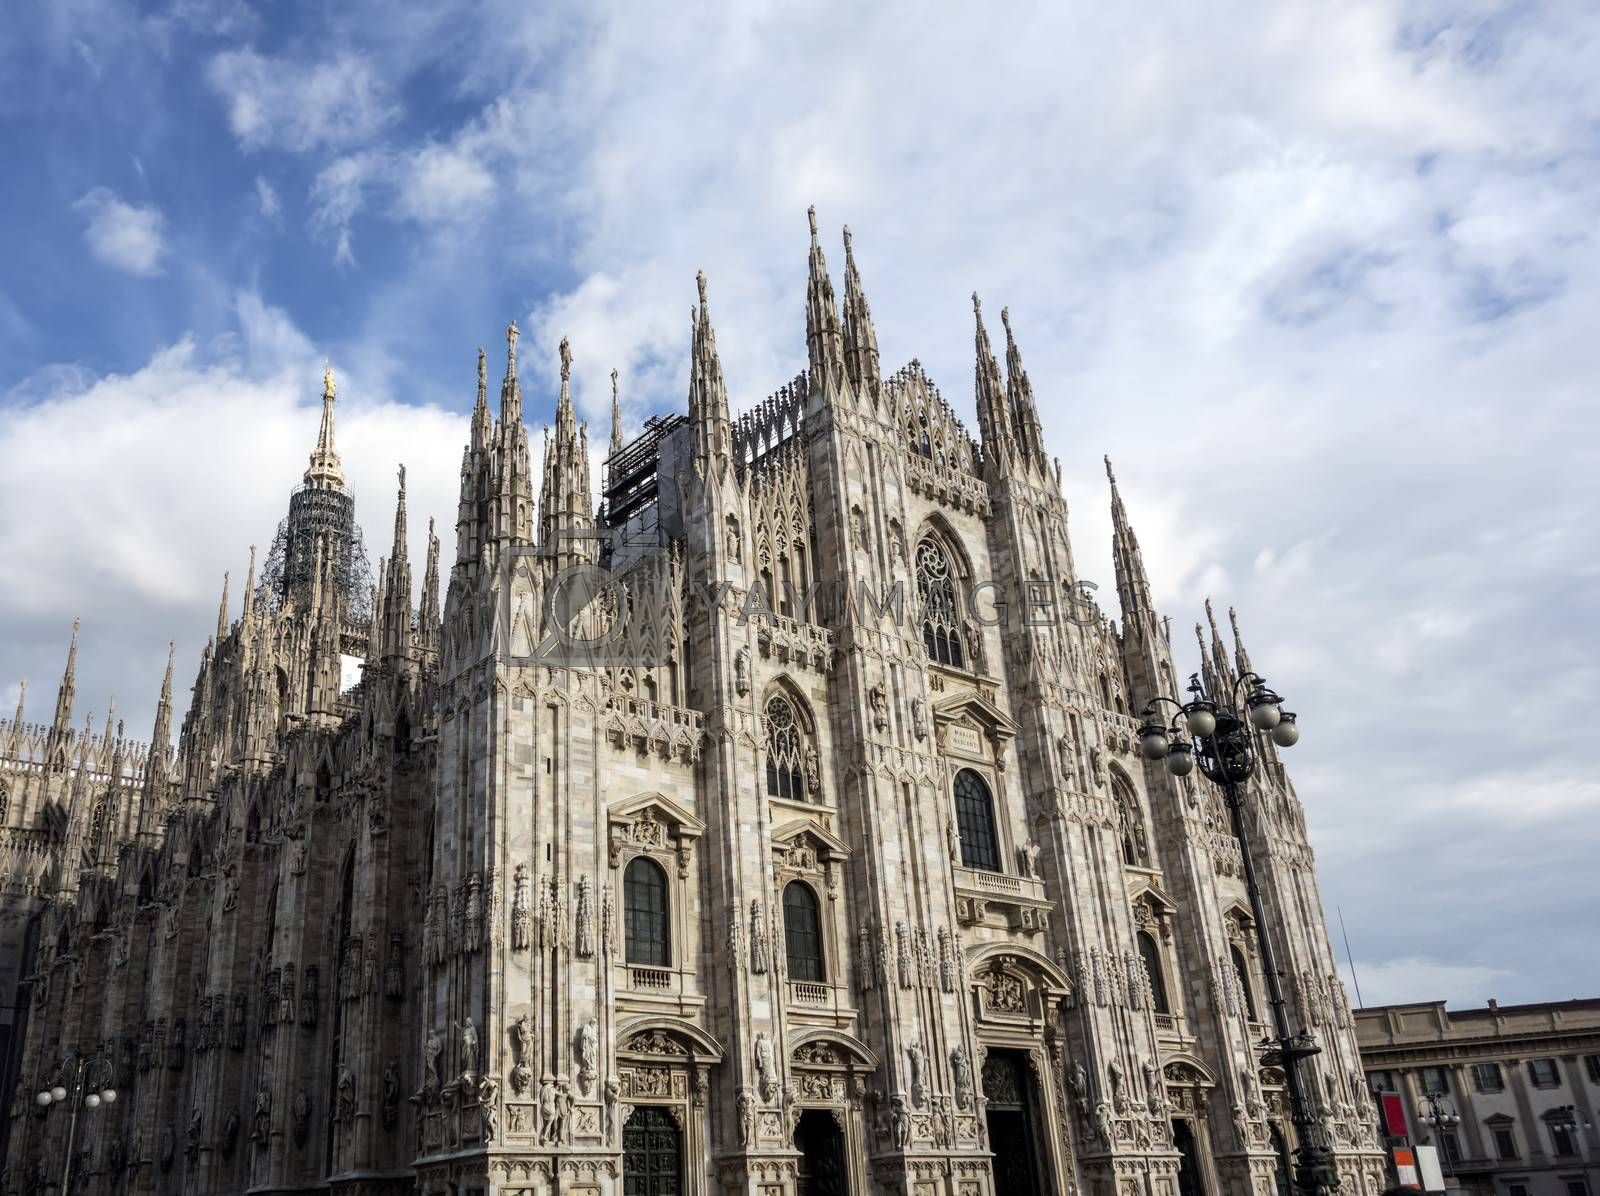 Facade of Cathedral Duomo, Milan, Italy